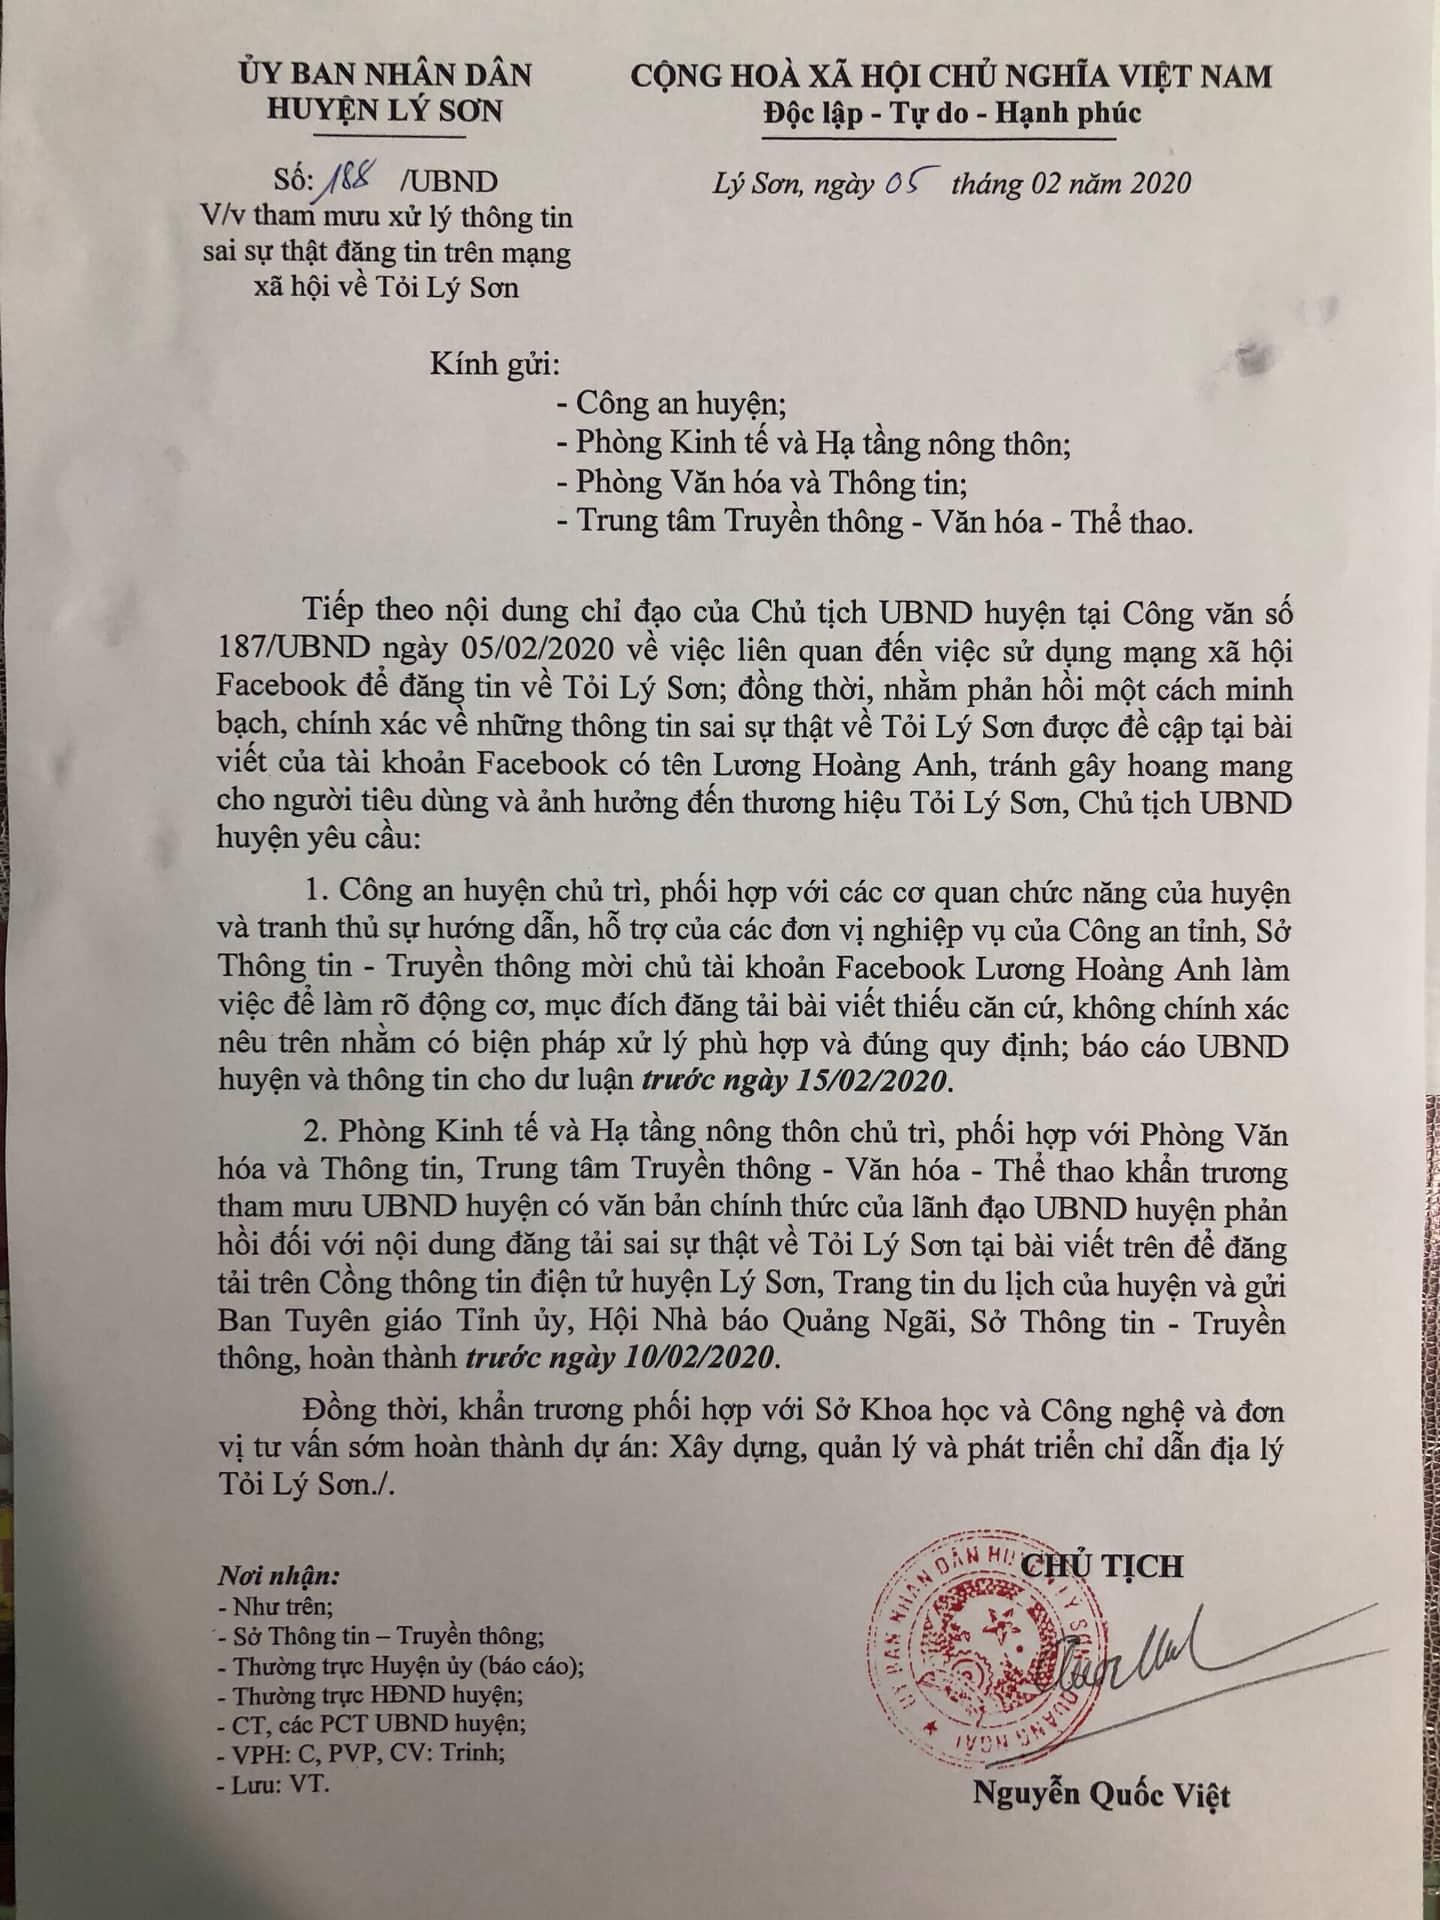 Công văn chỉ đạo của UBND huyện Lý Sơn